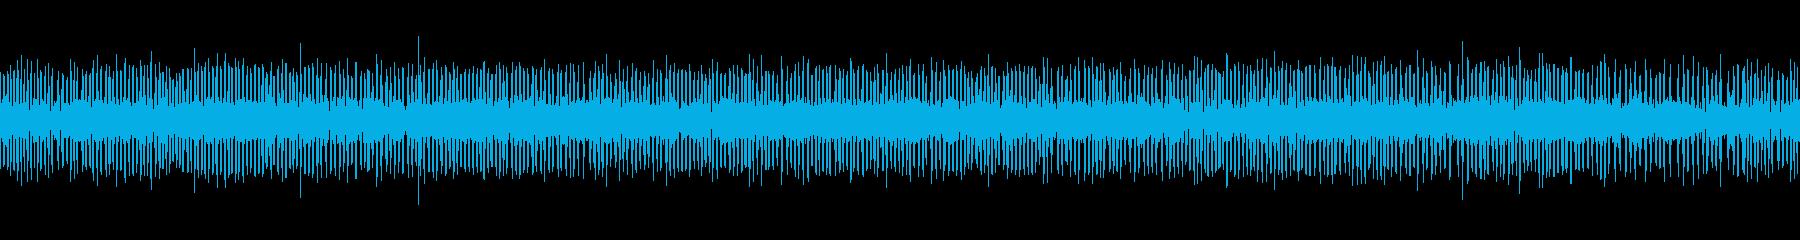 【環境音】夏の夜の虫の再生済みの波形